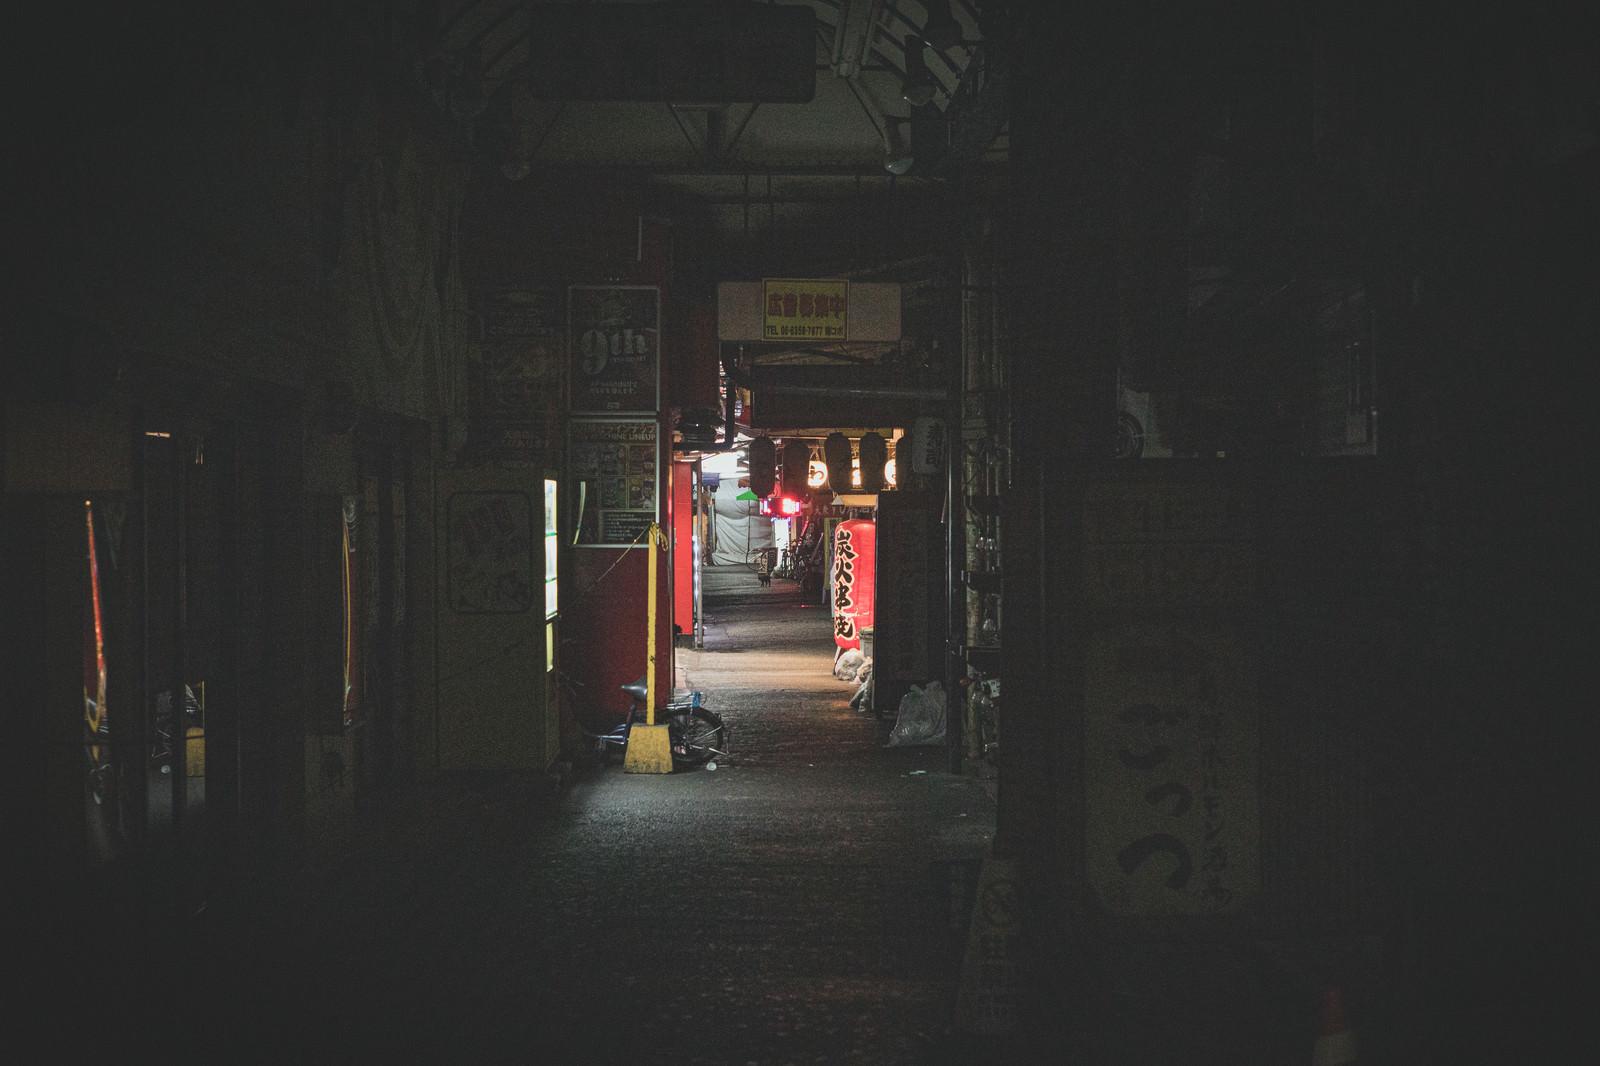 「店が閉まる深夜の飲み屋」の写真